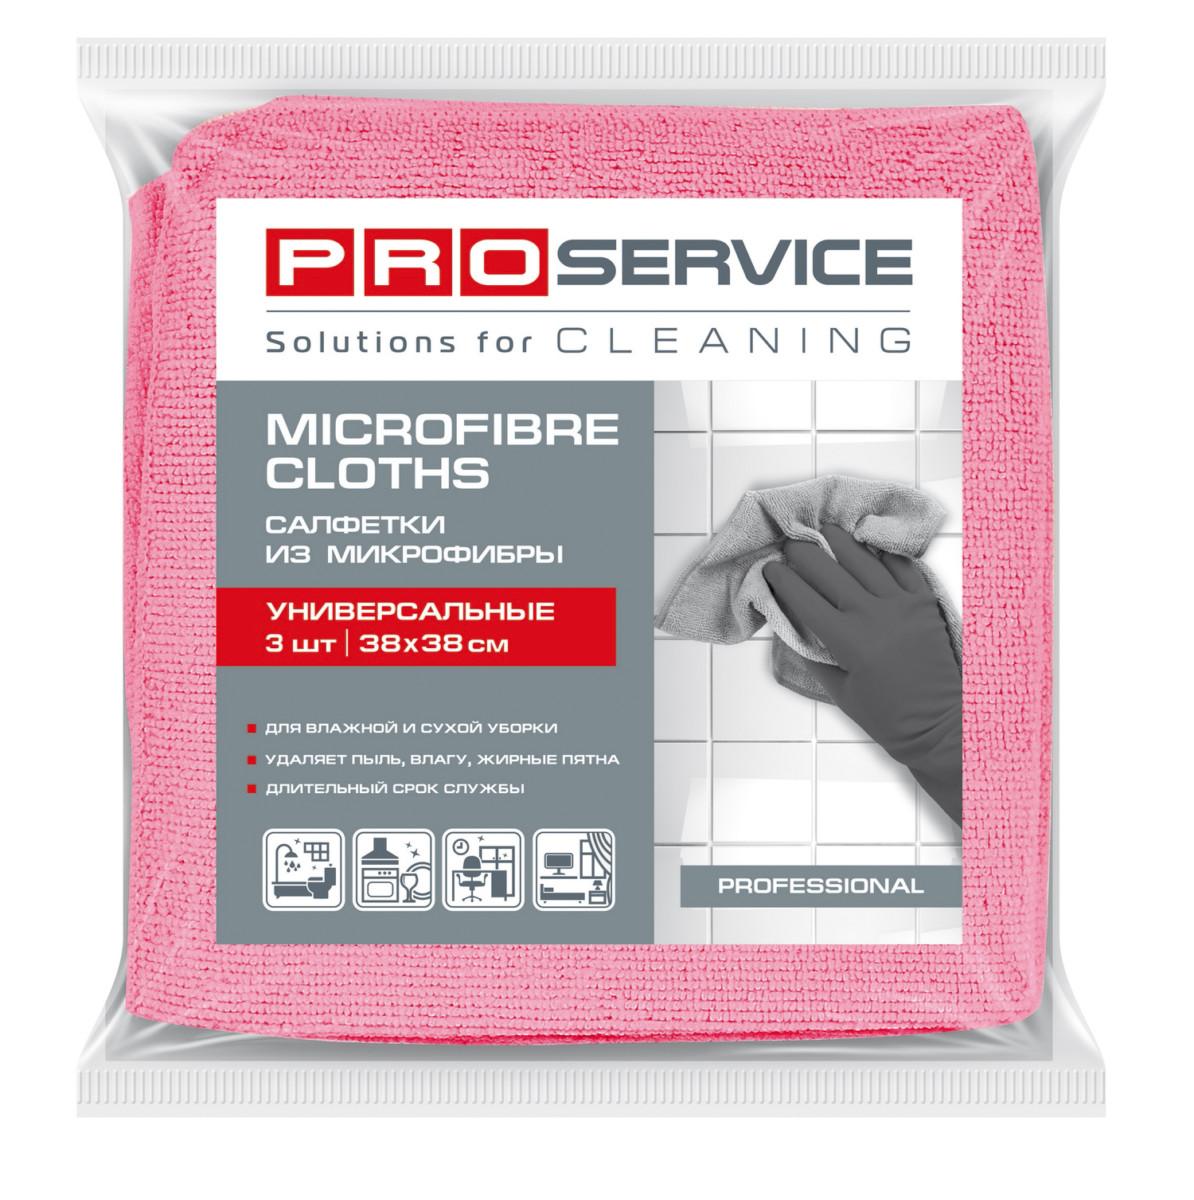 Серветки з мікрофібри PRO service Professional червоні, 3 шт- Фото - Biosphere